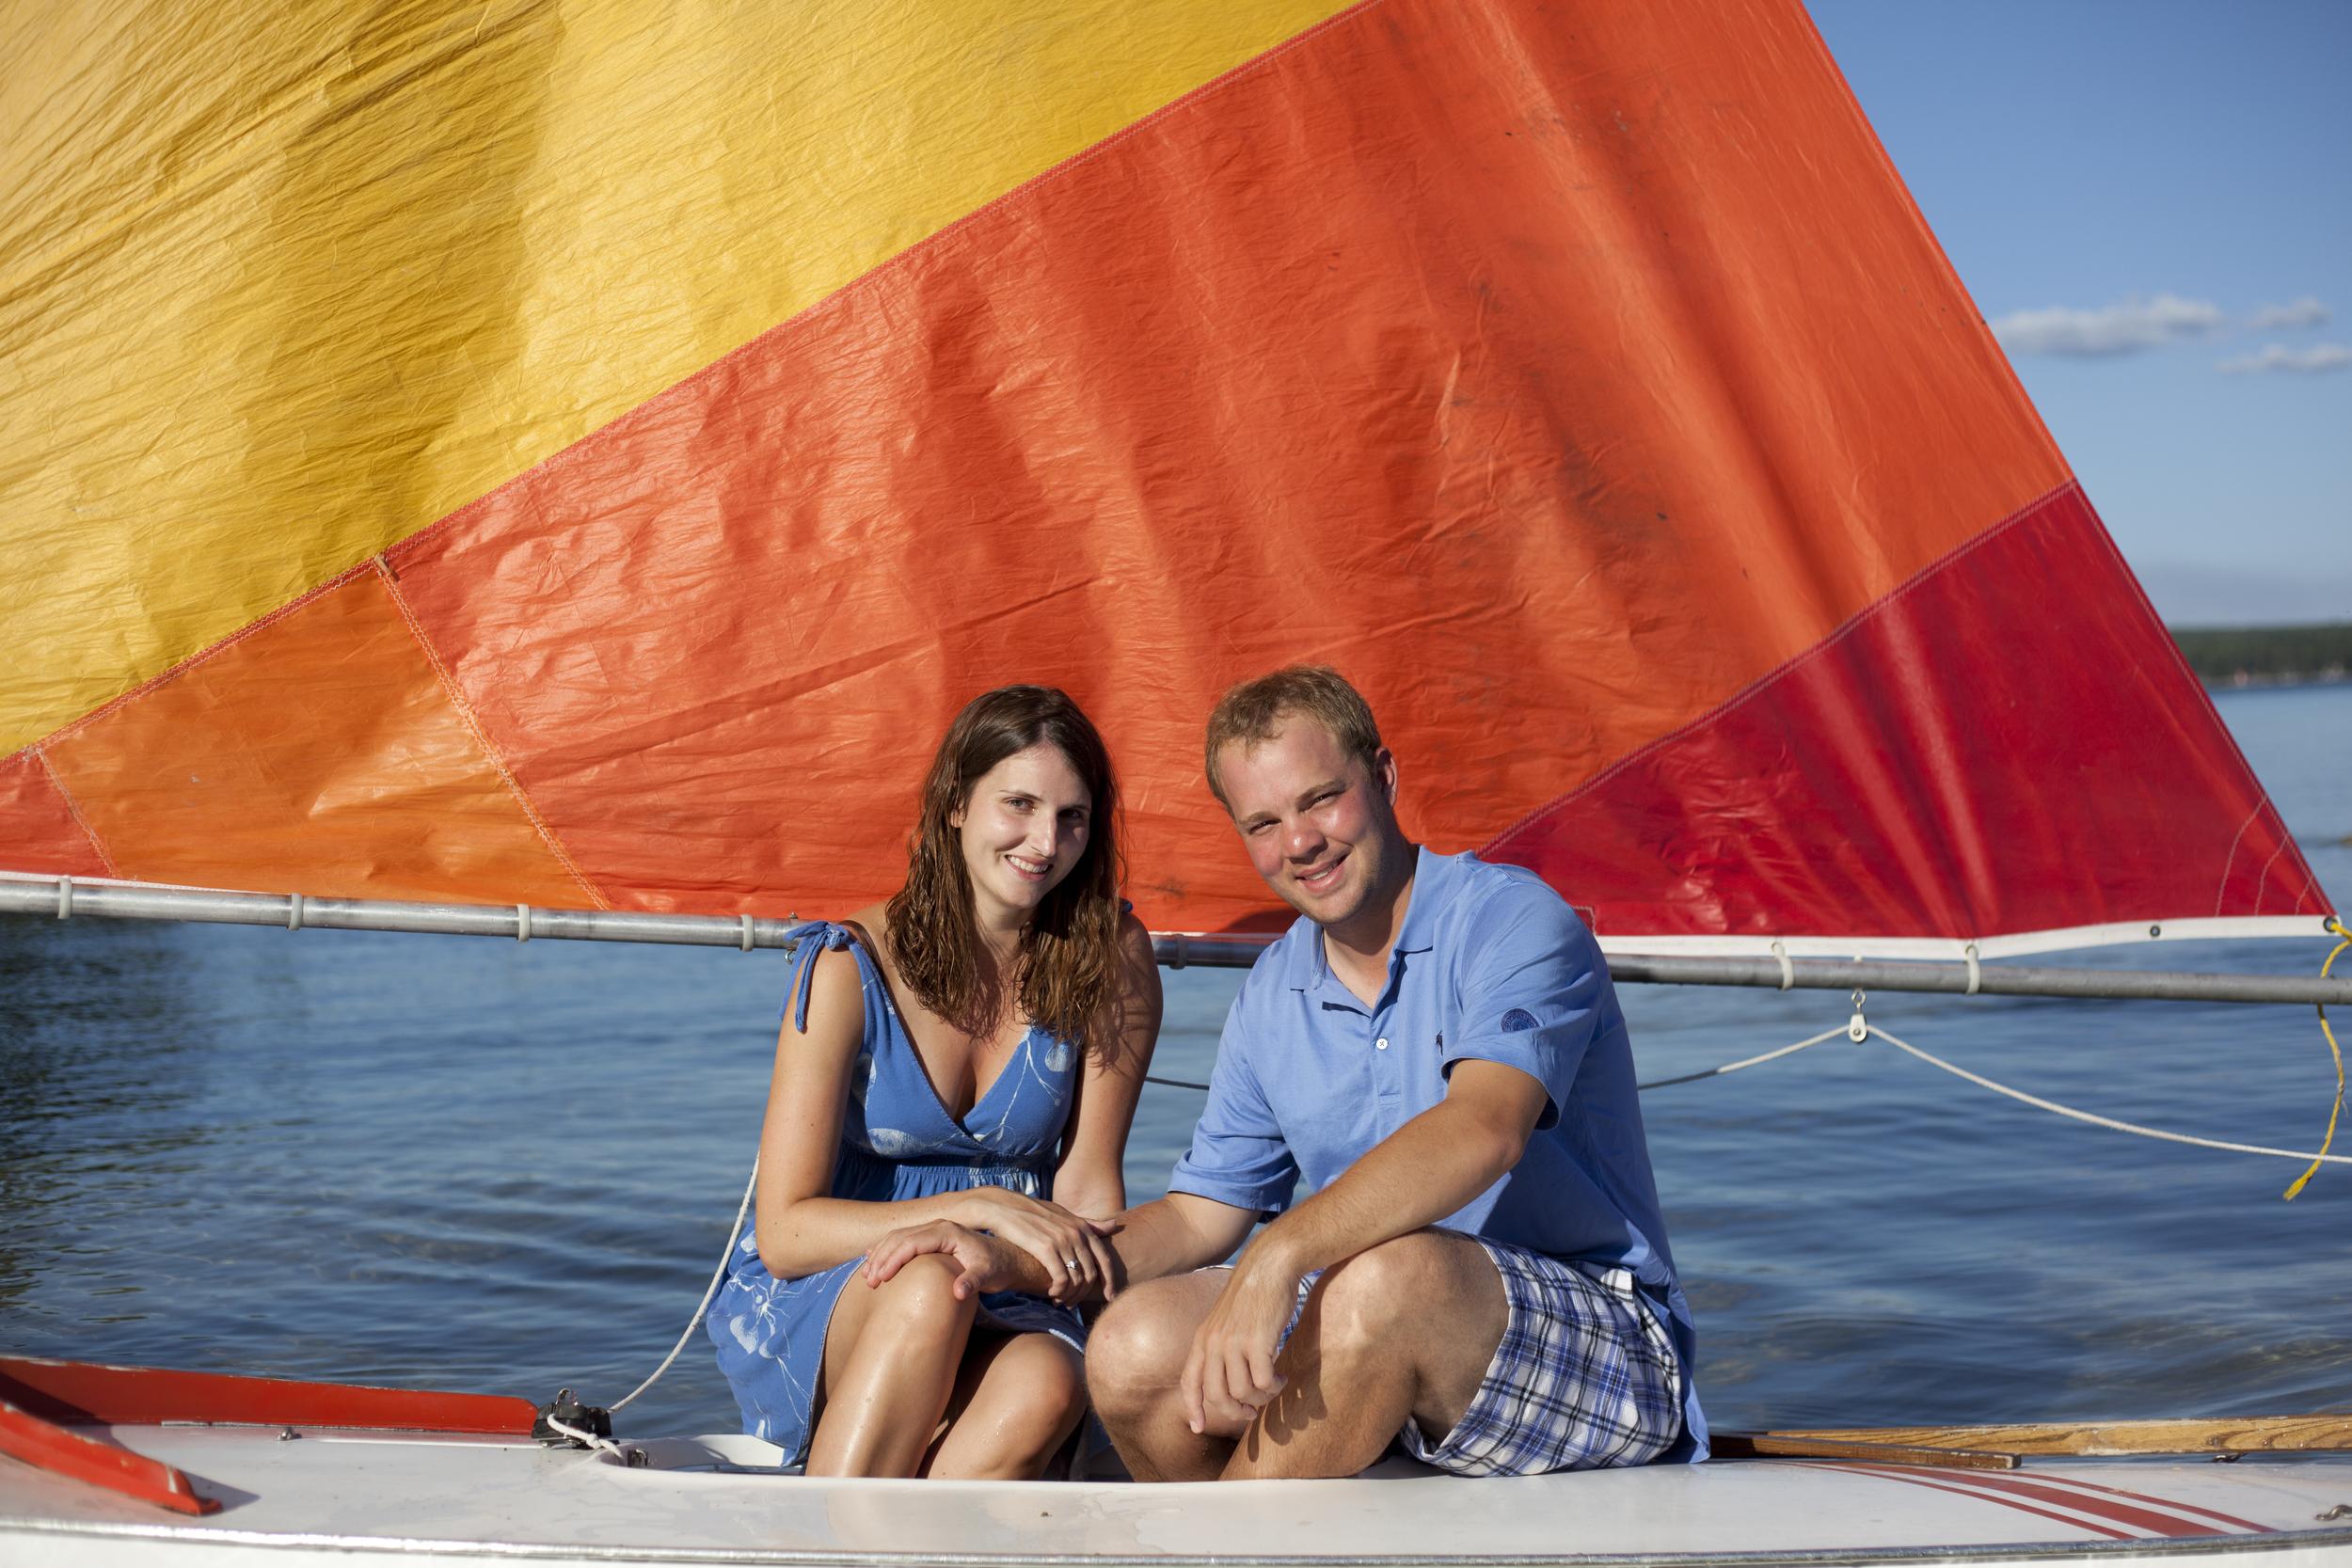 tophashsailboat.jpg